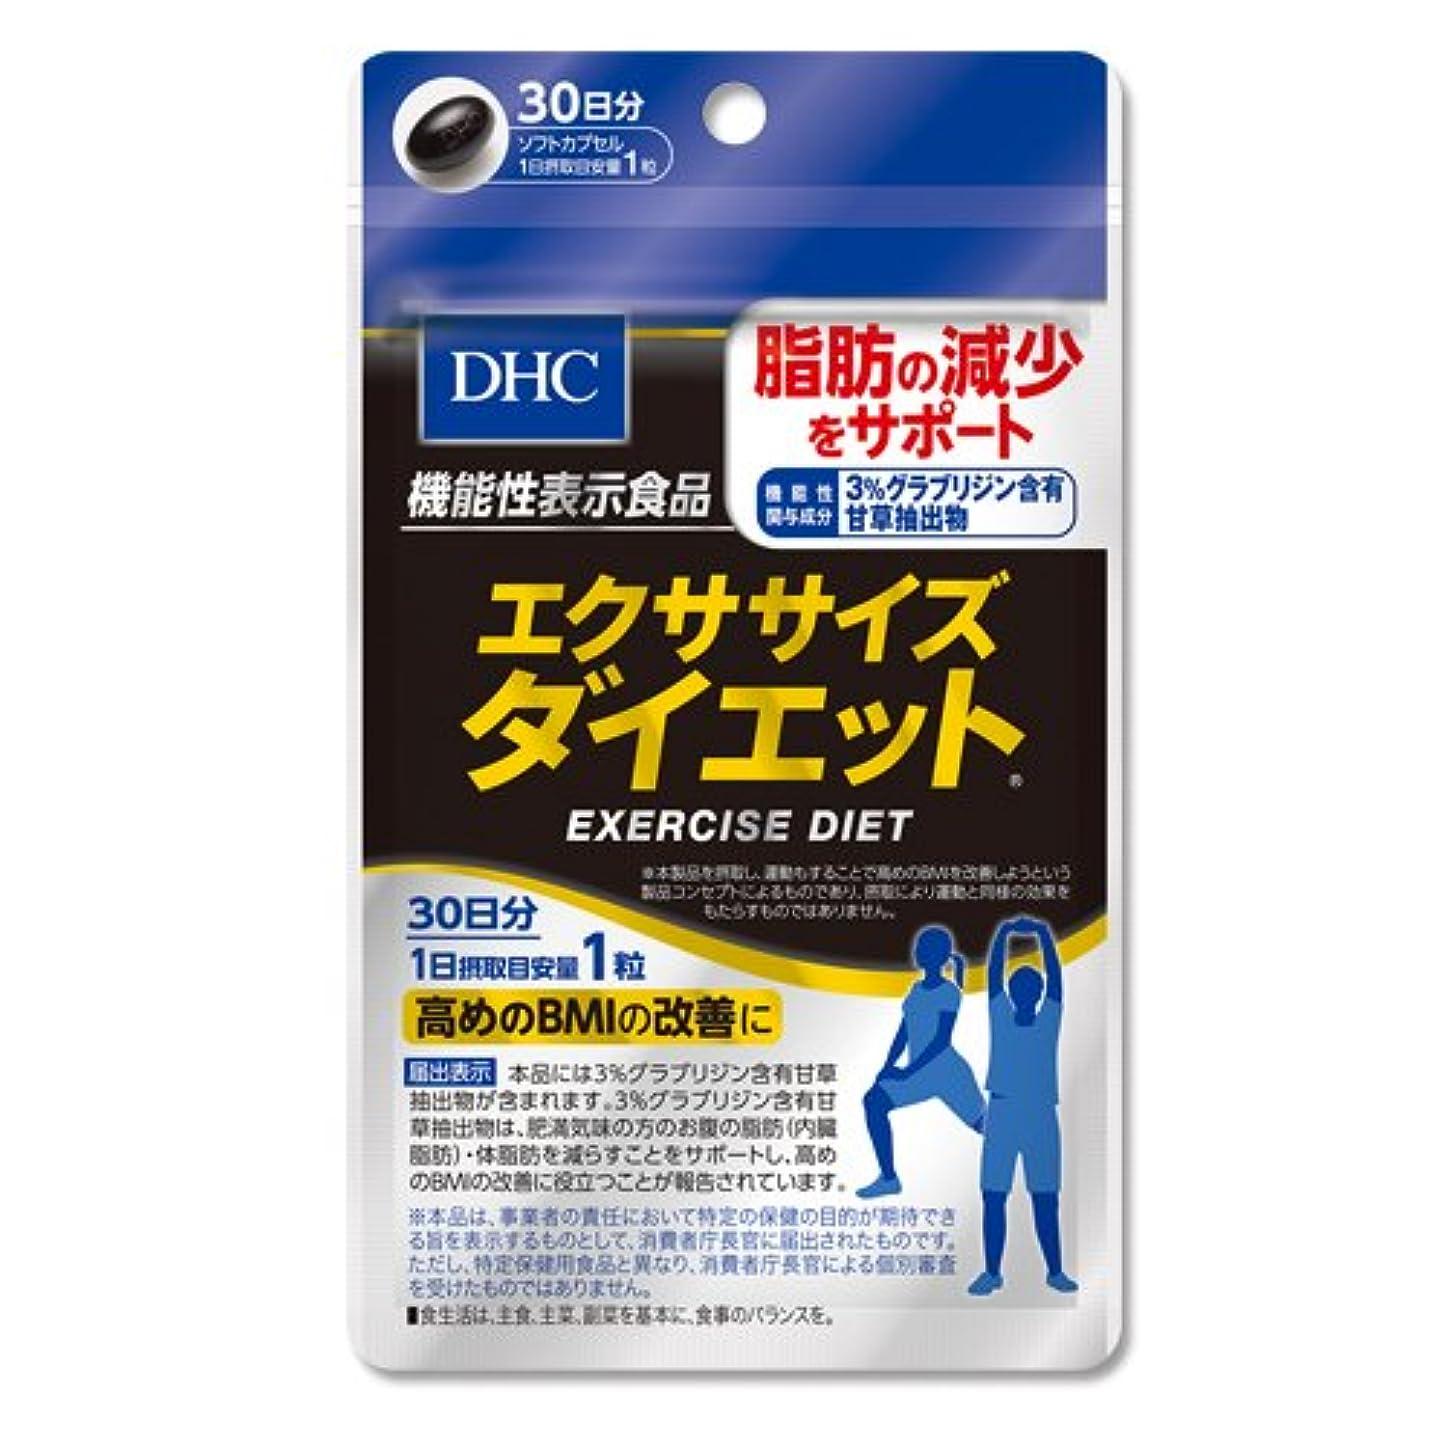 雨の受信反逆エクササイズダイエット30日分 【機能性表示食品】